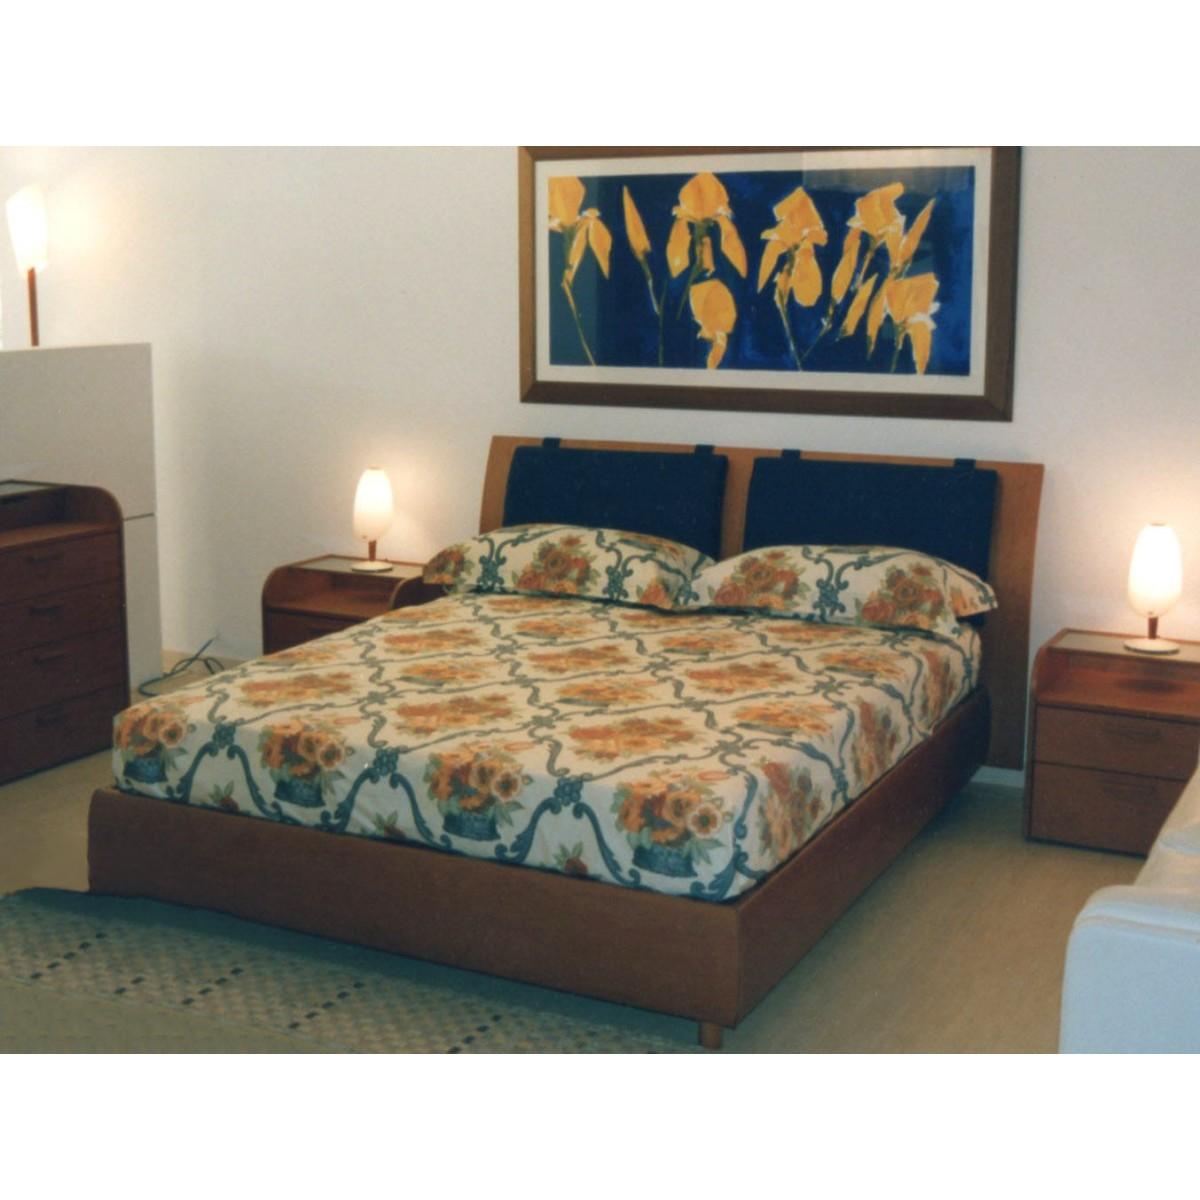 Letto testata legno mobileffe outlet - Testata letto in legno ...